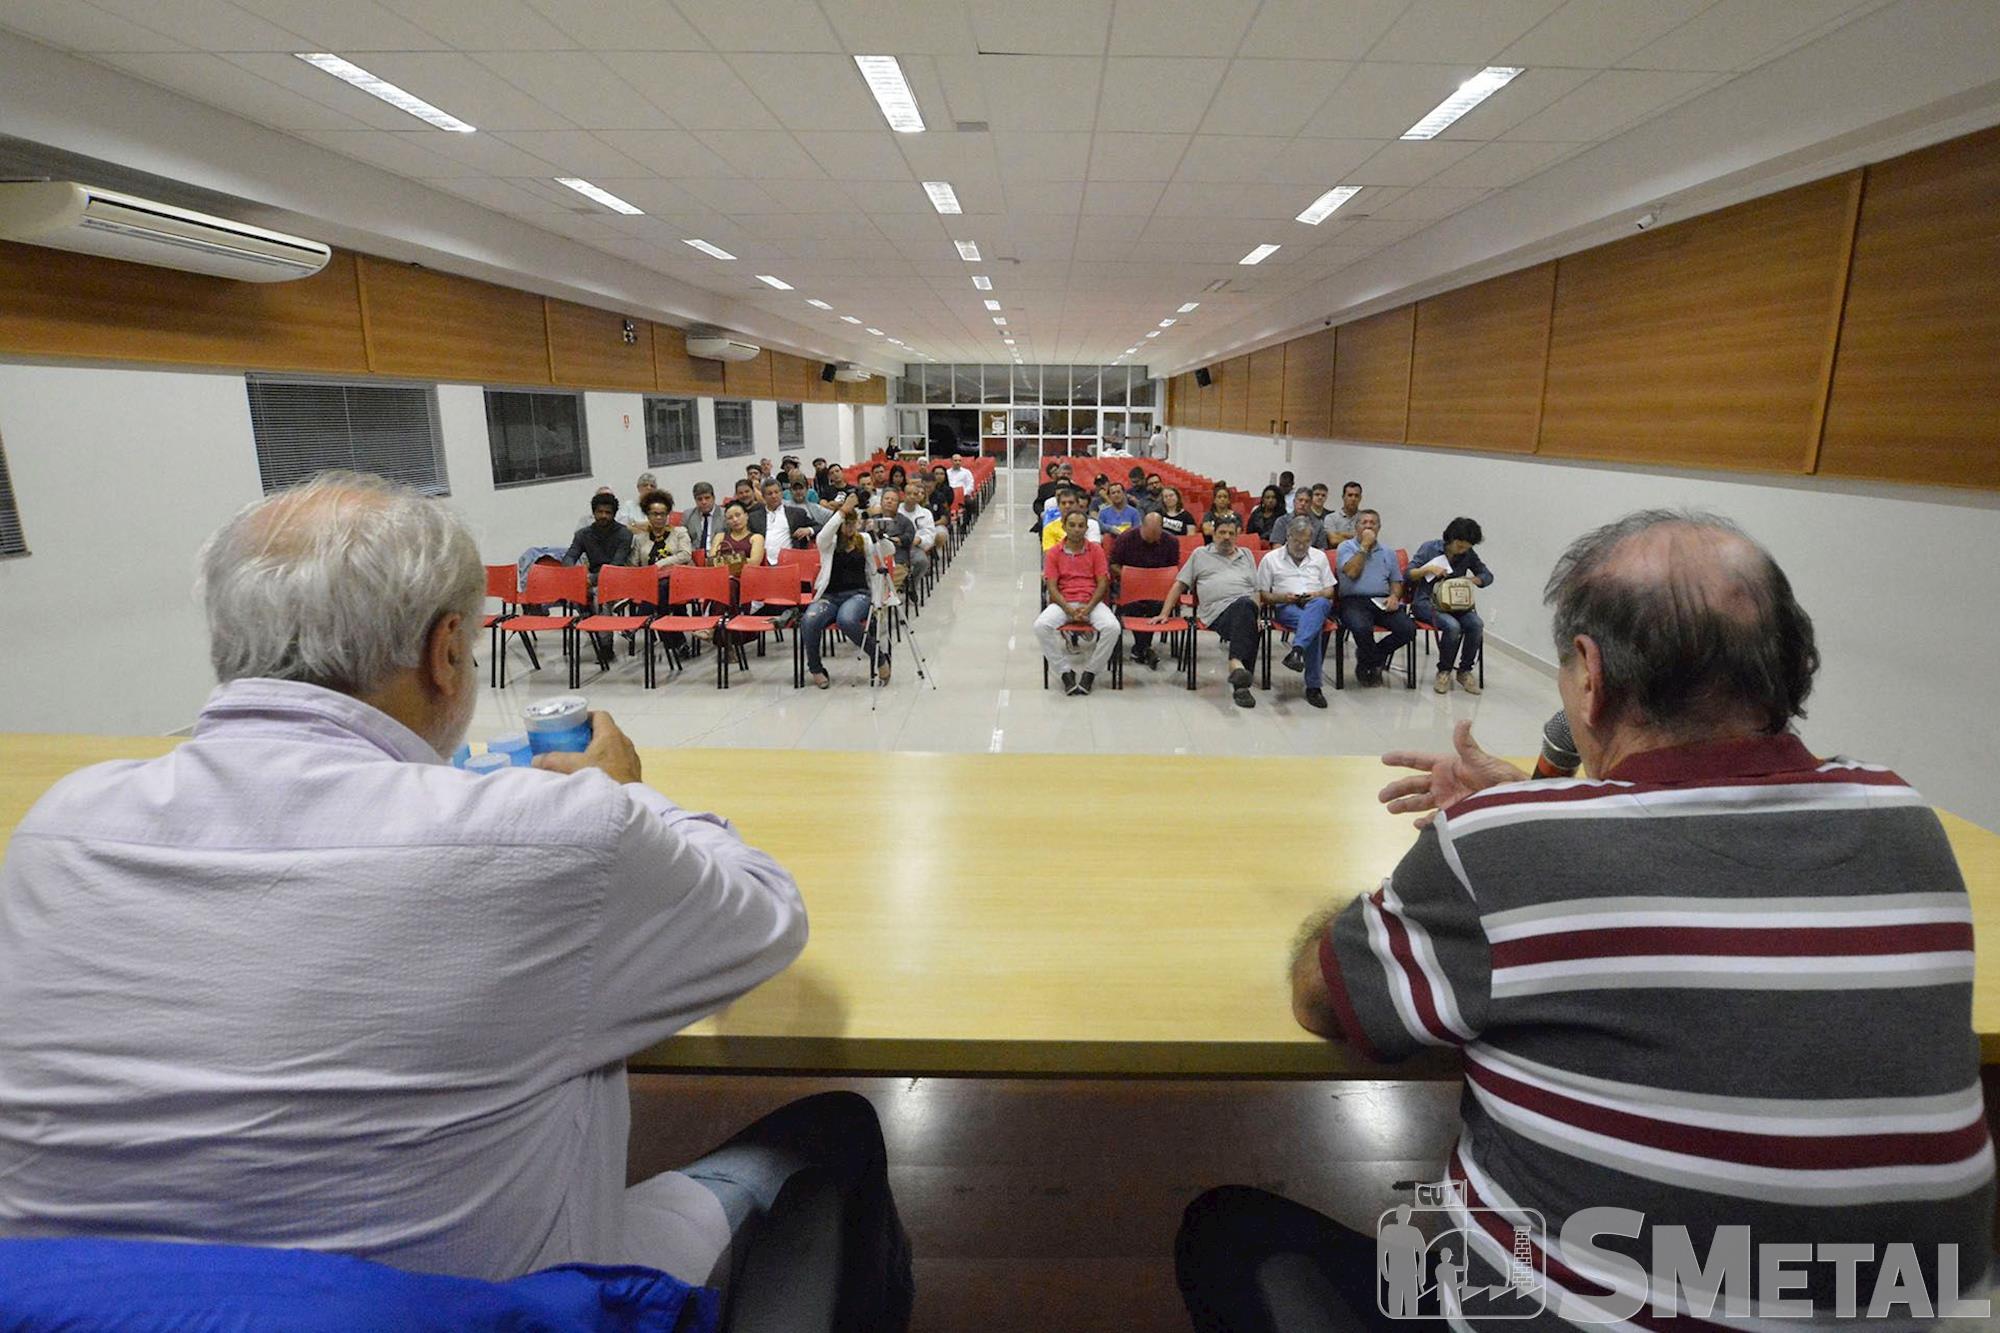 formação,  futebol,  smetal,  palestra, Foguinho/Imprensa SMetal, Palestra